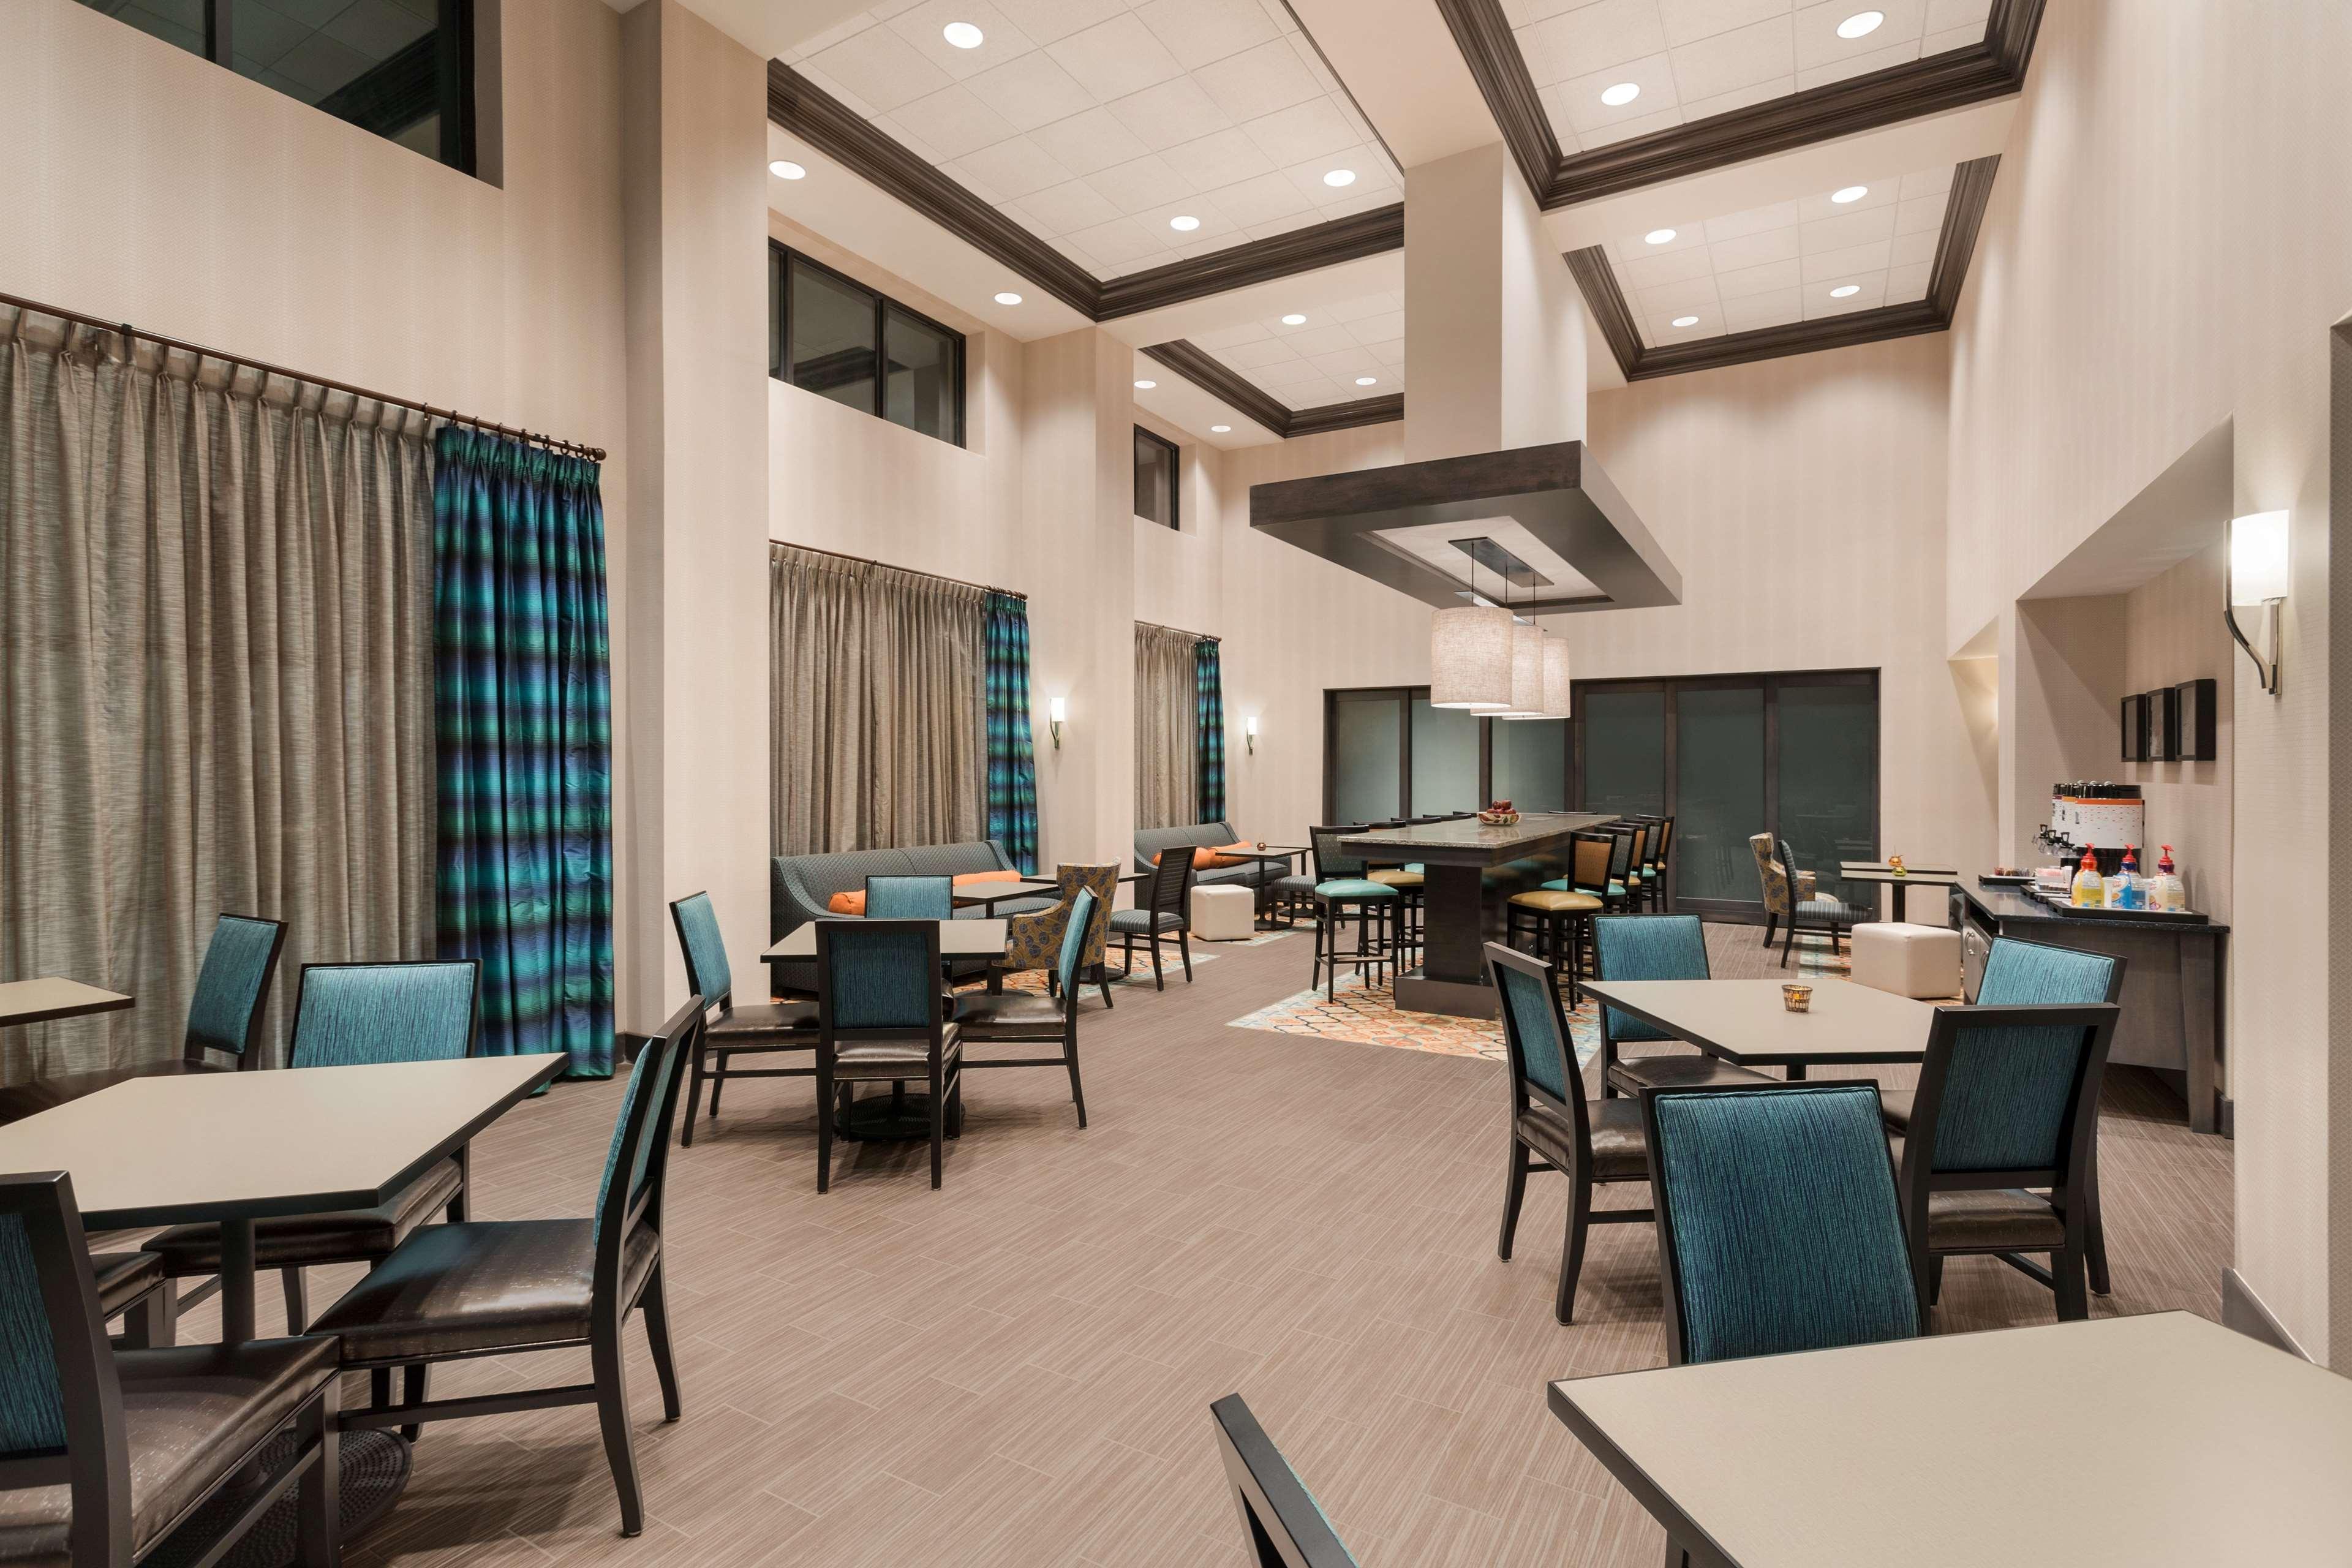 Hampton Inn & Suites West Des Moines/SW Mall Area image 4